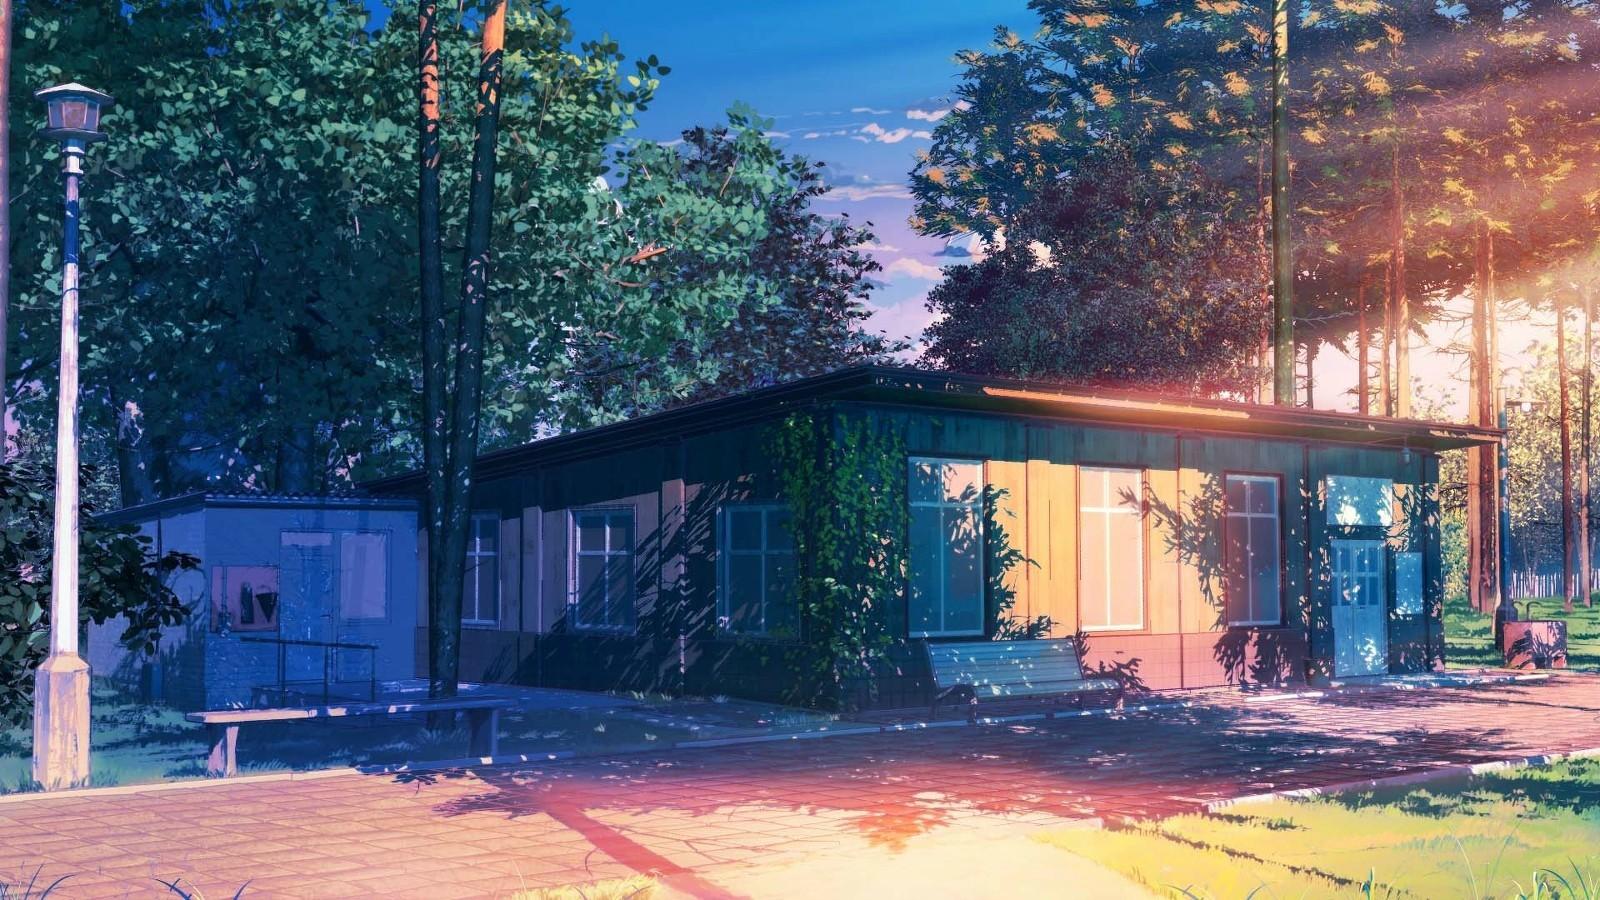 Fondos de pantalla rboles hojas anime naturaleza nubes casa sol patio interior - Ley propiedad horizontal patio interior ...